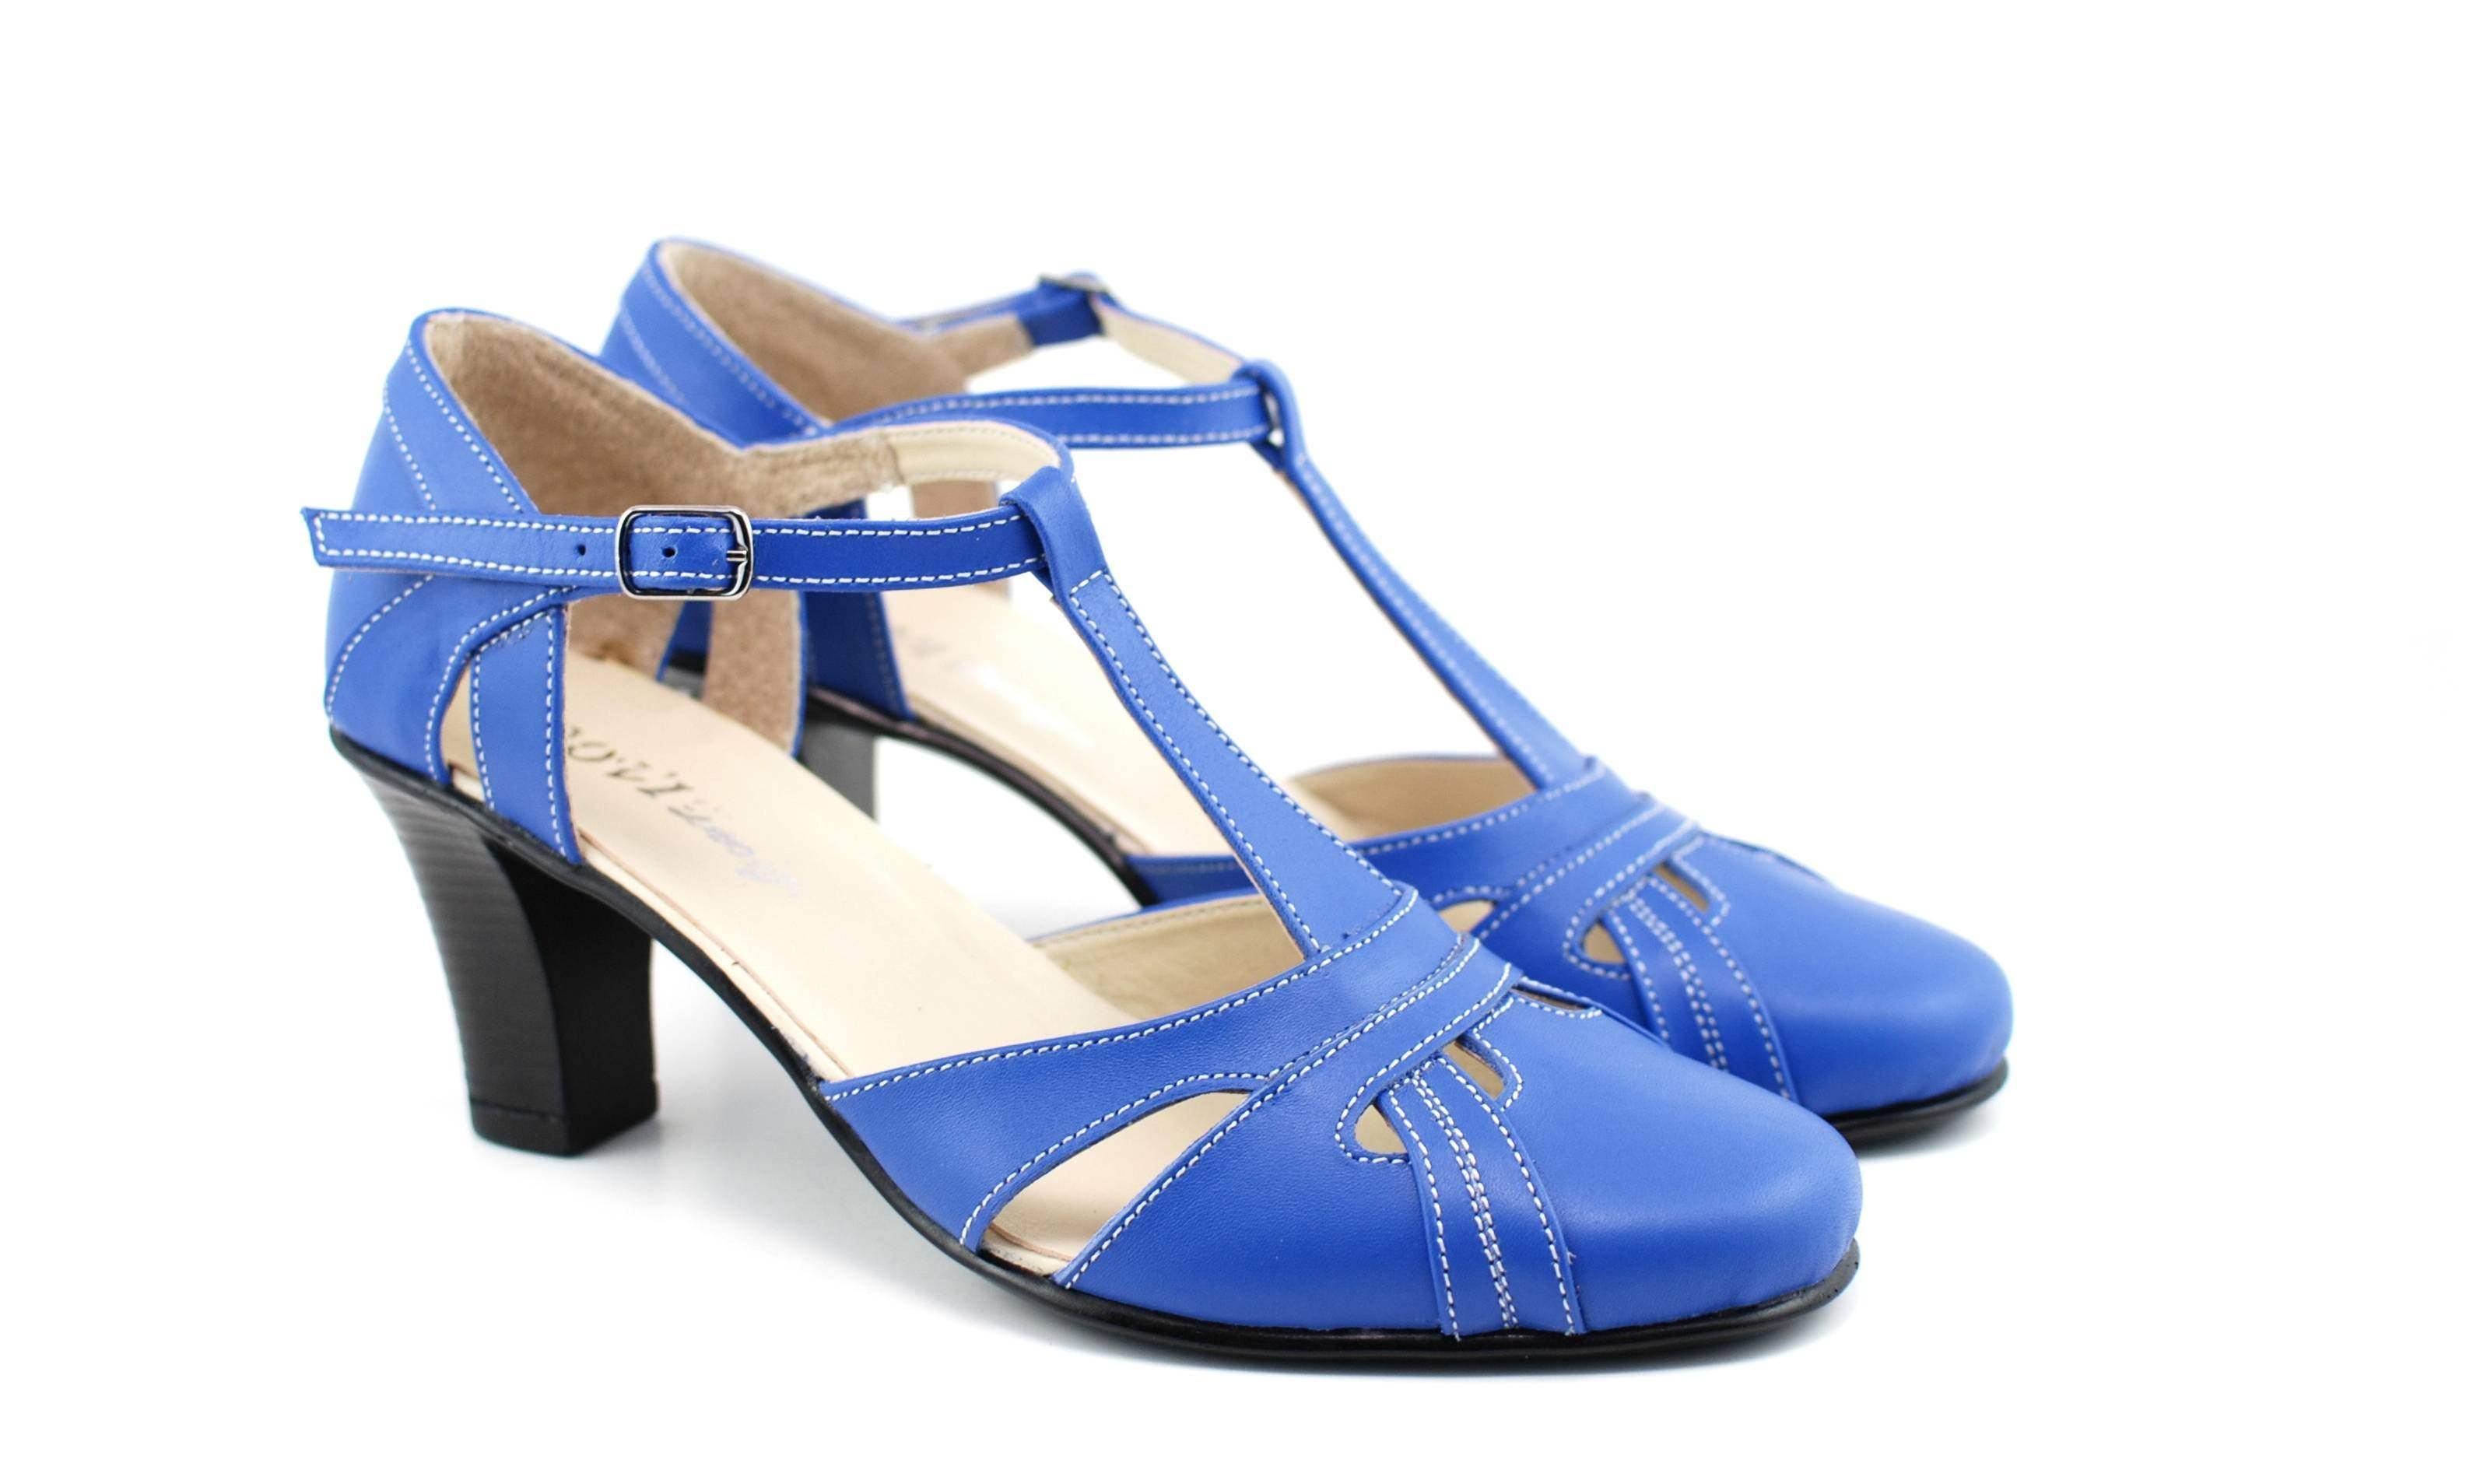 Sandale dama din piele naturala cu toc de 7cm - S48BLEU